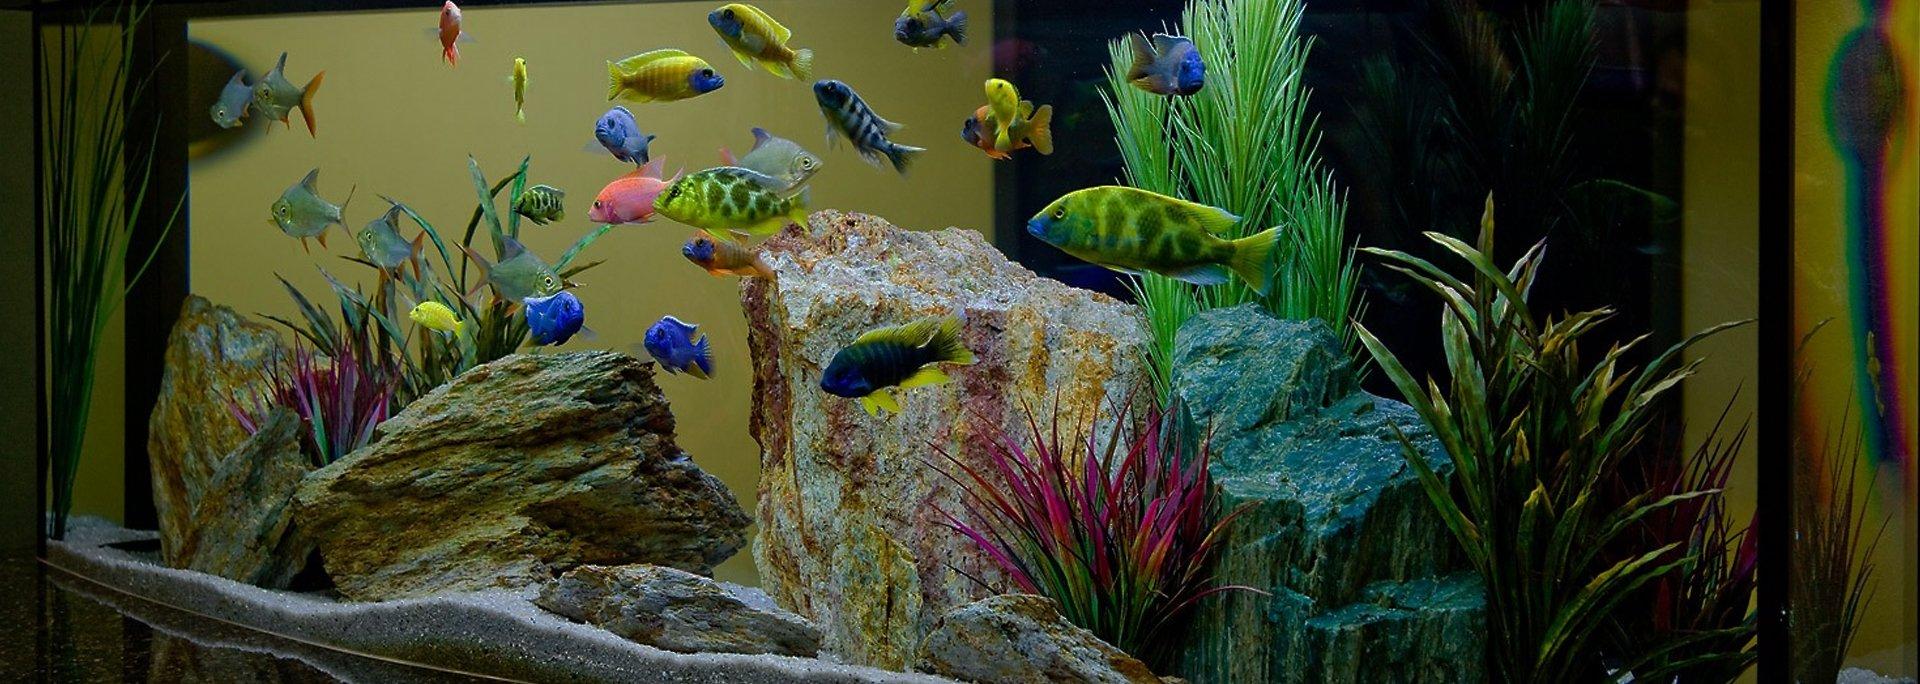 Можно ли есть аквариумных рыбок